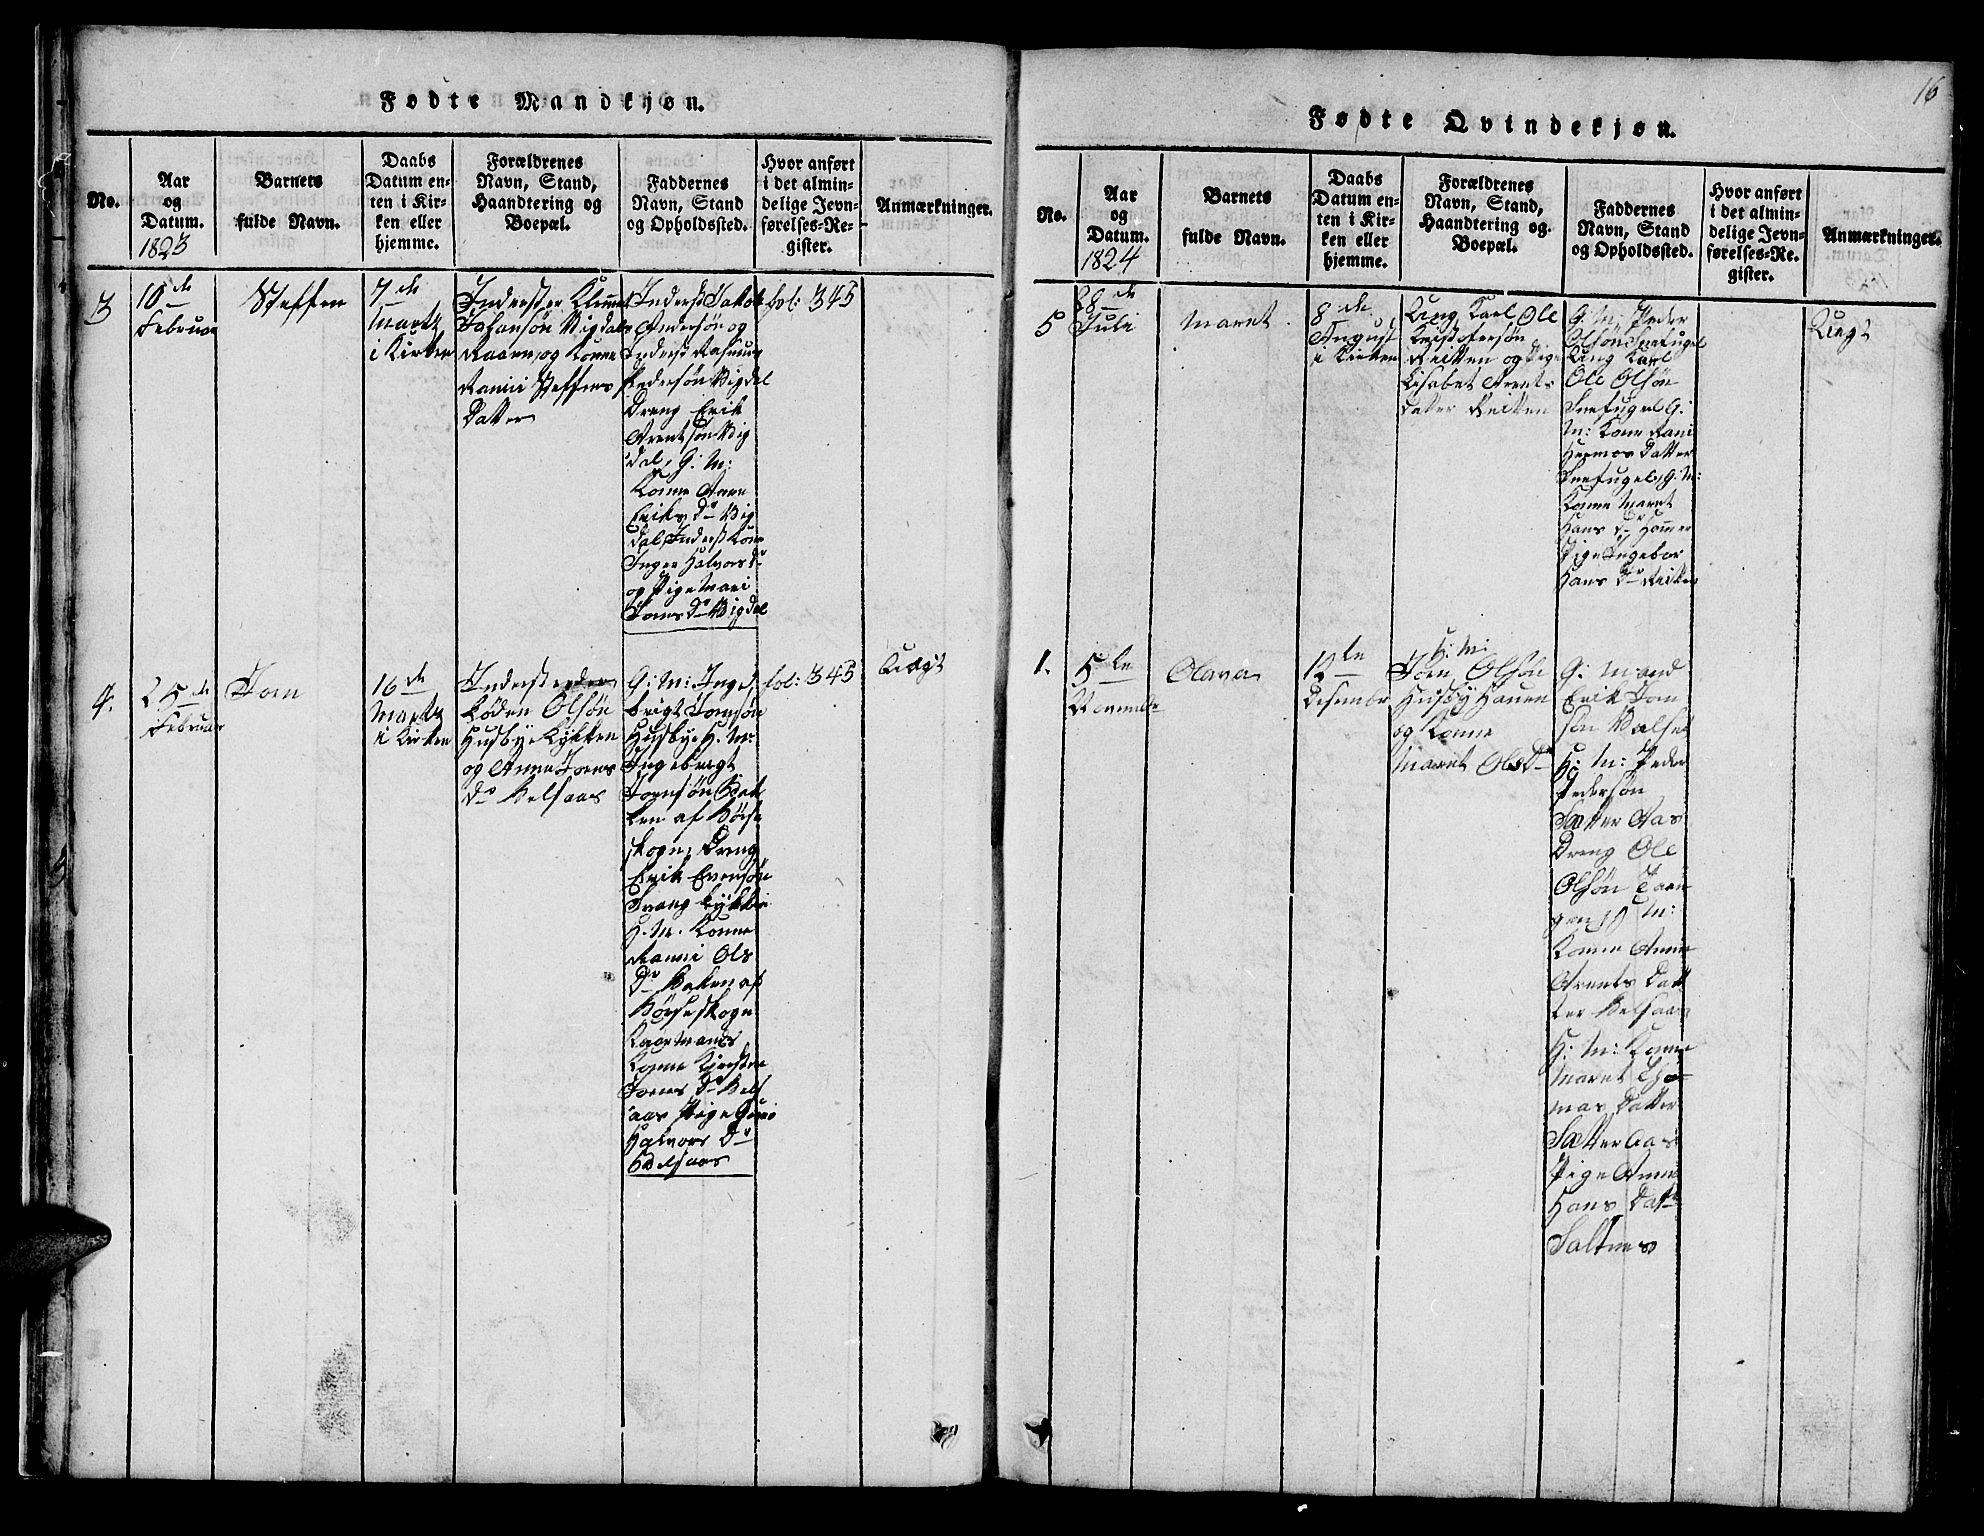 SAT, Ministerialprotokoller, klokkerbøker og fødselsregistre - Sør-Trøndelag, 666/L0788: Klokkerbok nr. 666C01, 1816-1847, s. 16